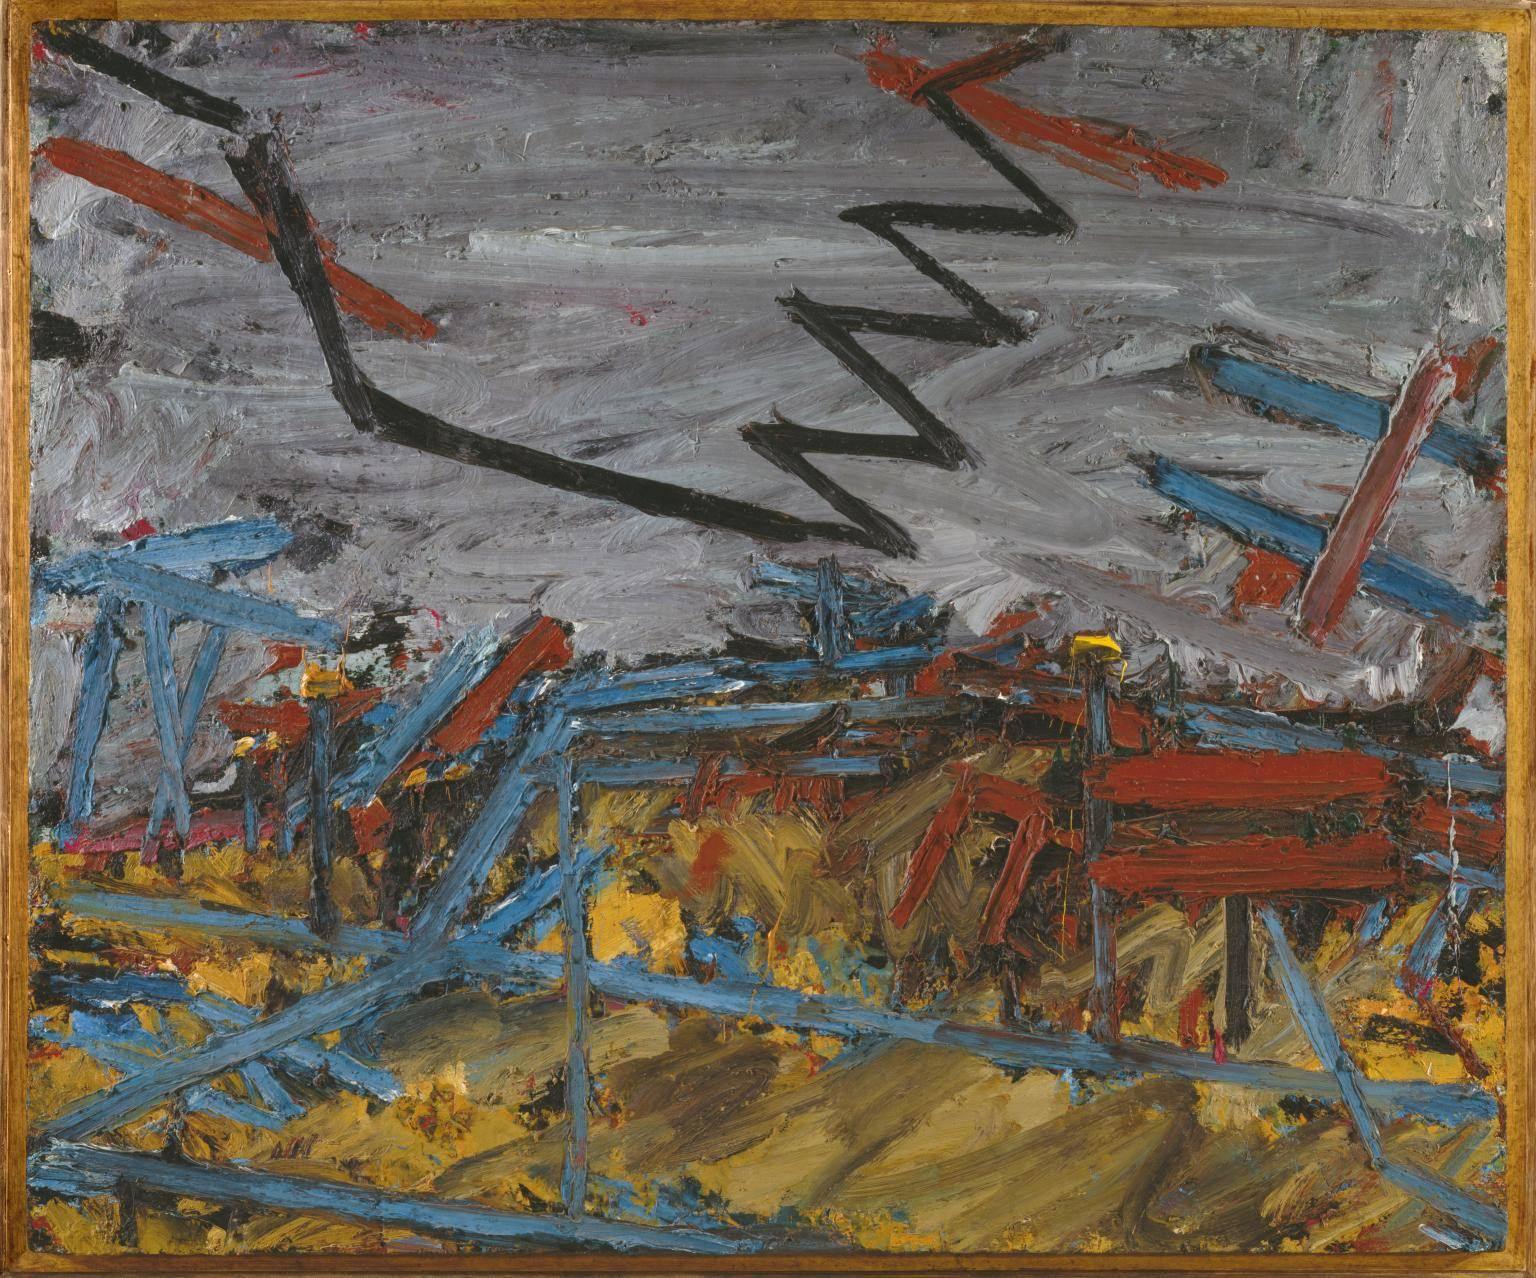 Франк Ауэрбах. Примроуз-Хилл, 1967-1968